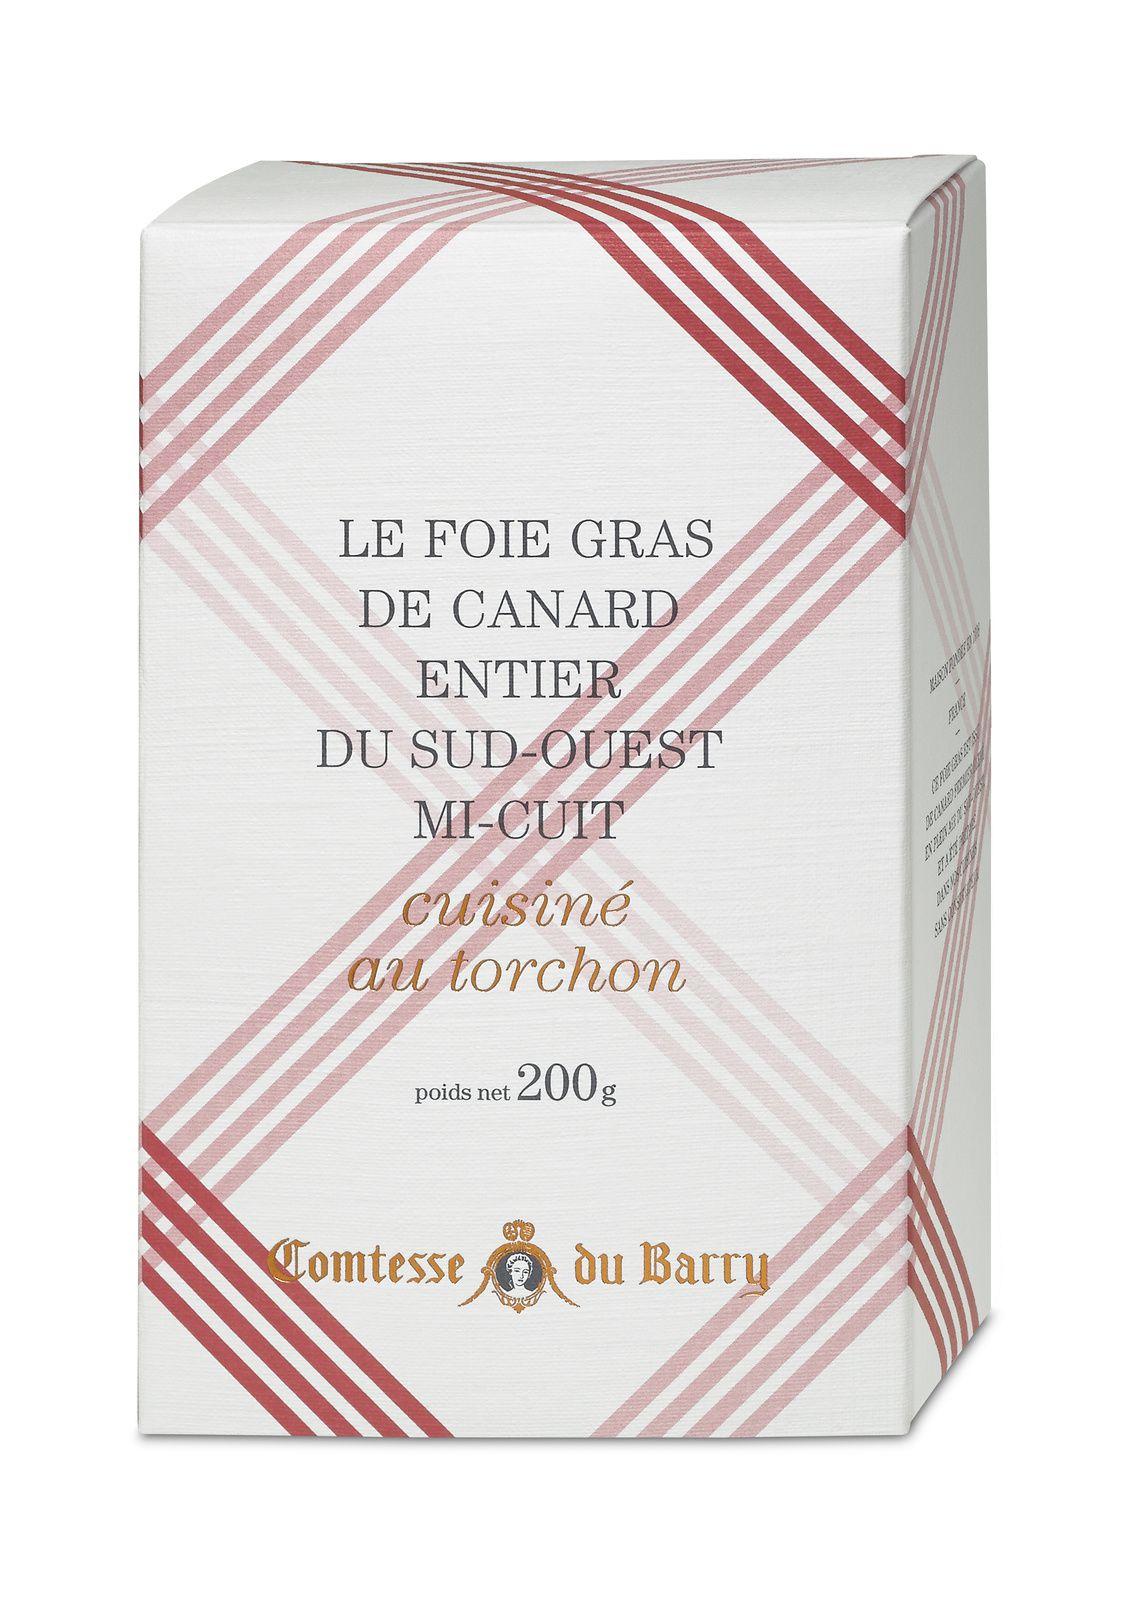 J'ai testé le foie gras de canard fermier cuisiné au torchon de Comtesse du Barry